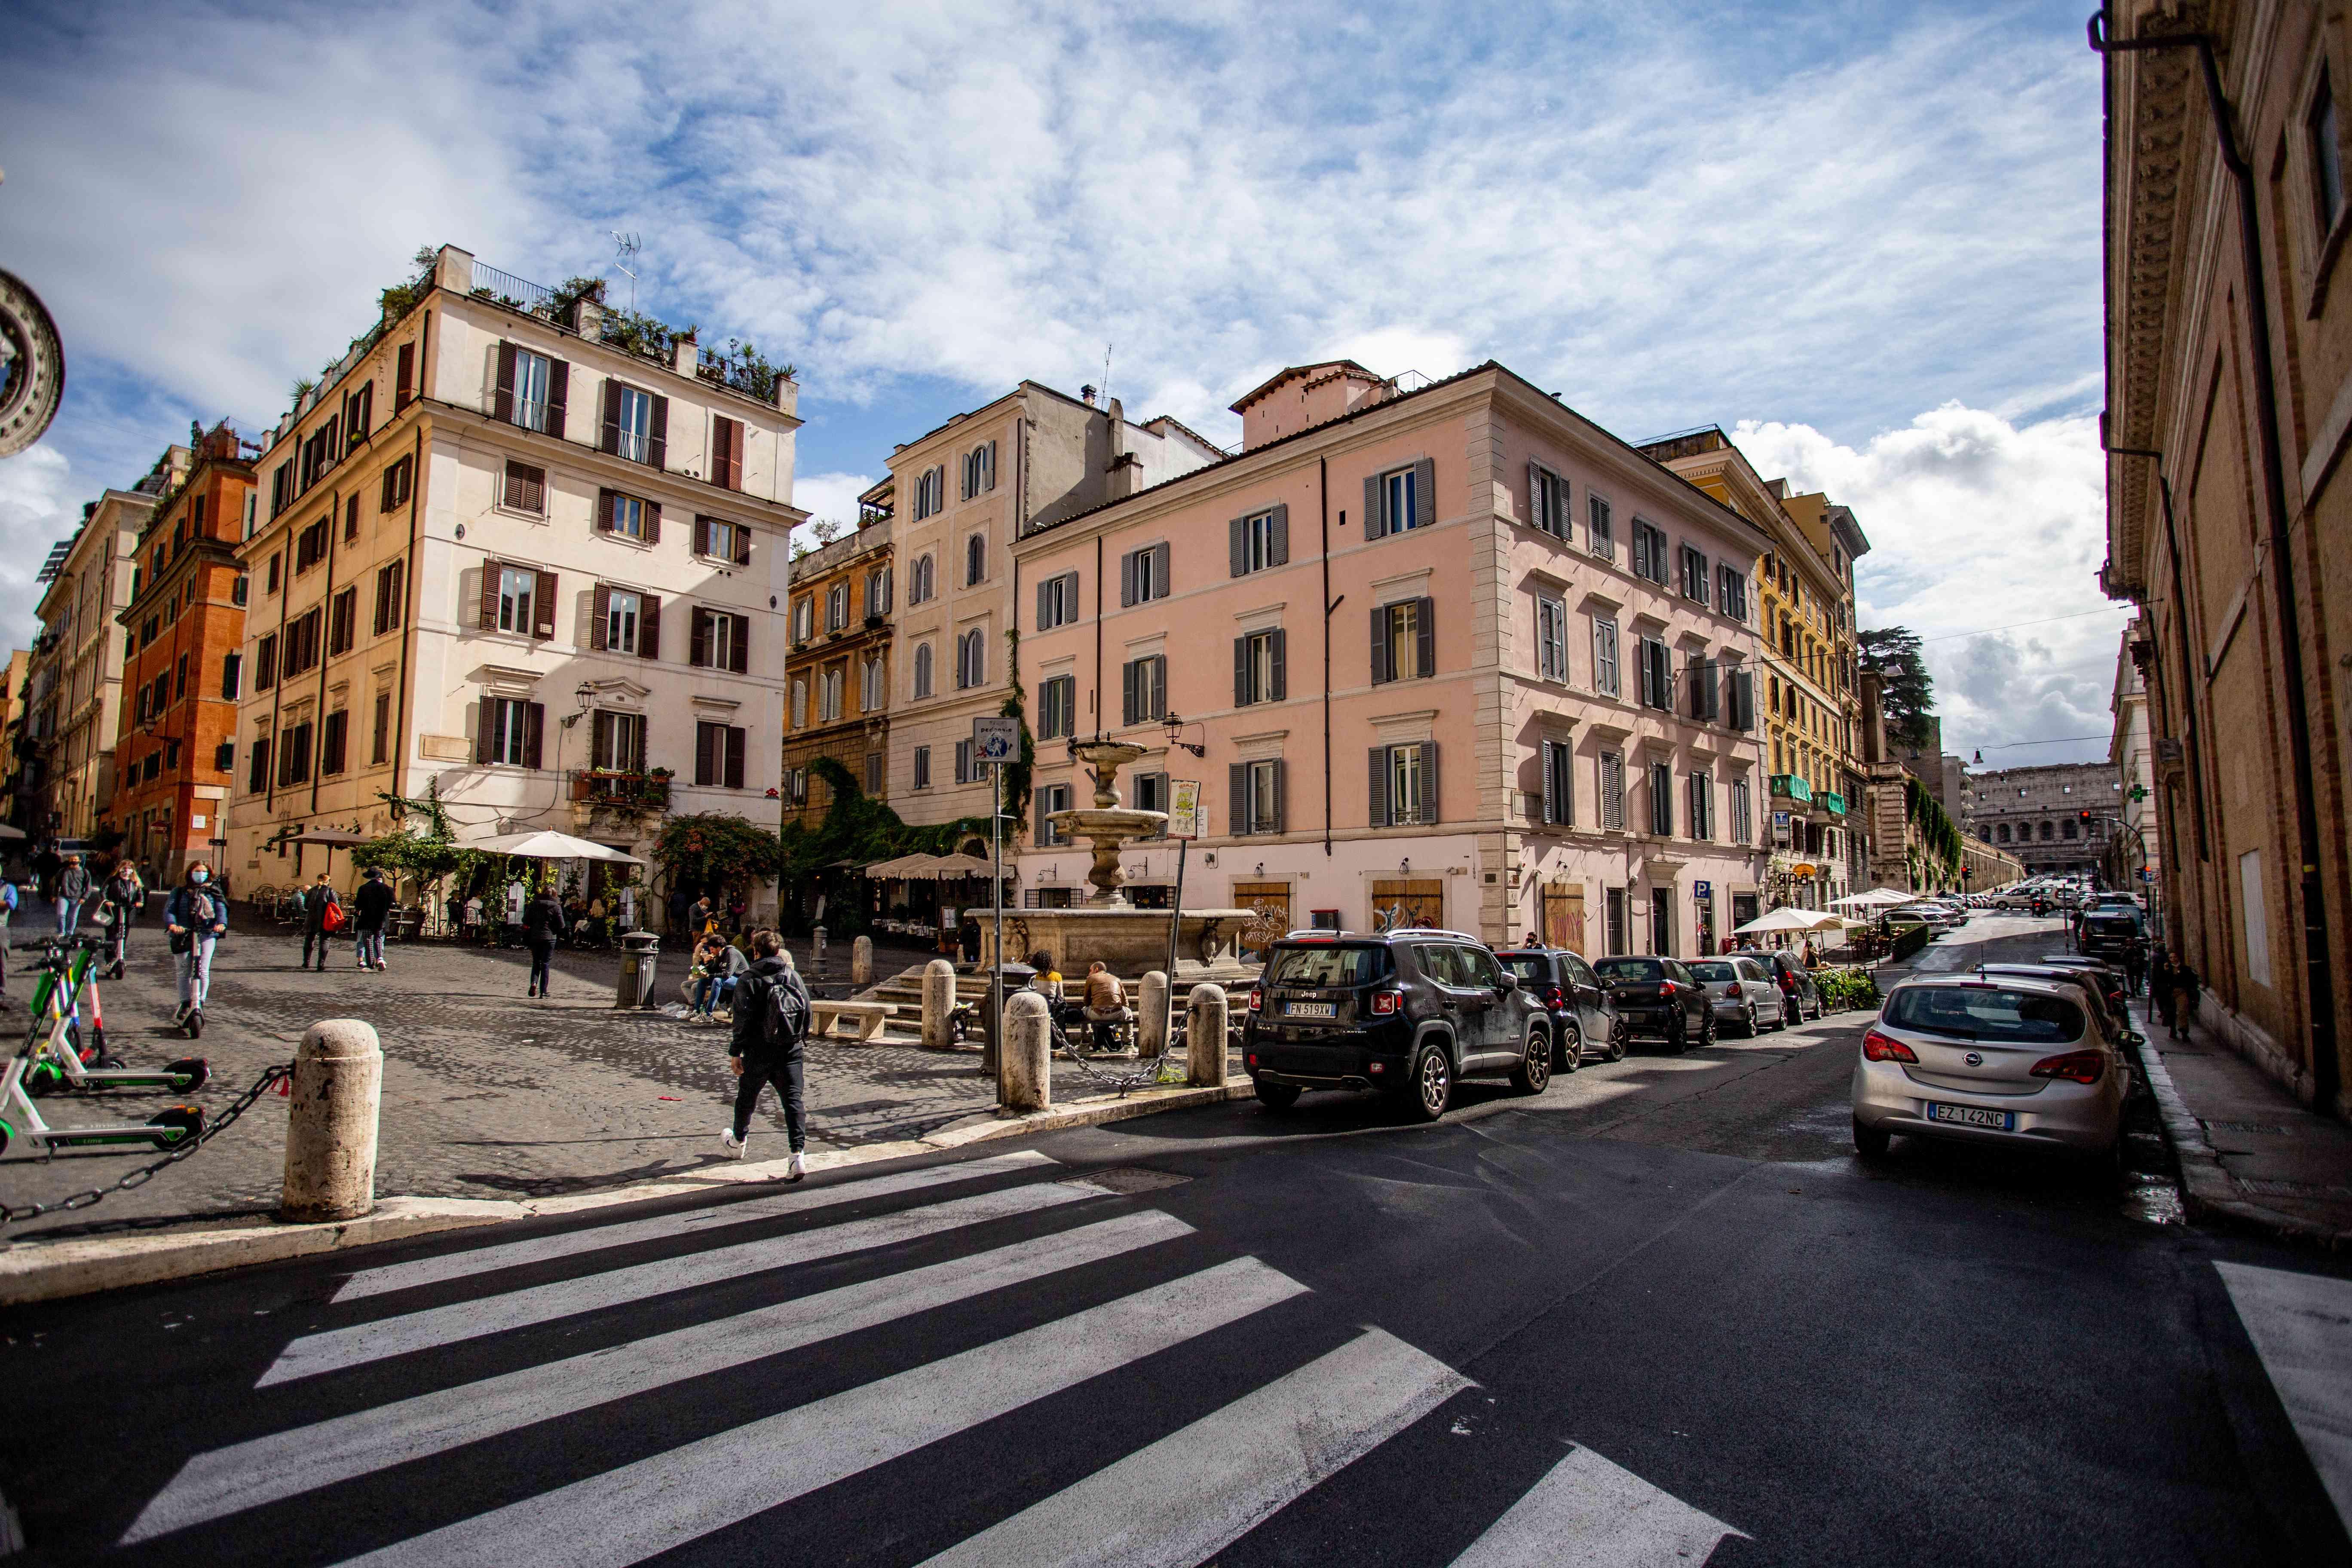 Piazza della Madonna dei Monti in Rome, Italy